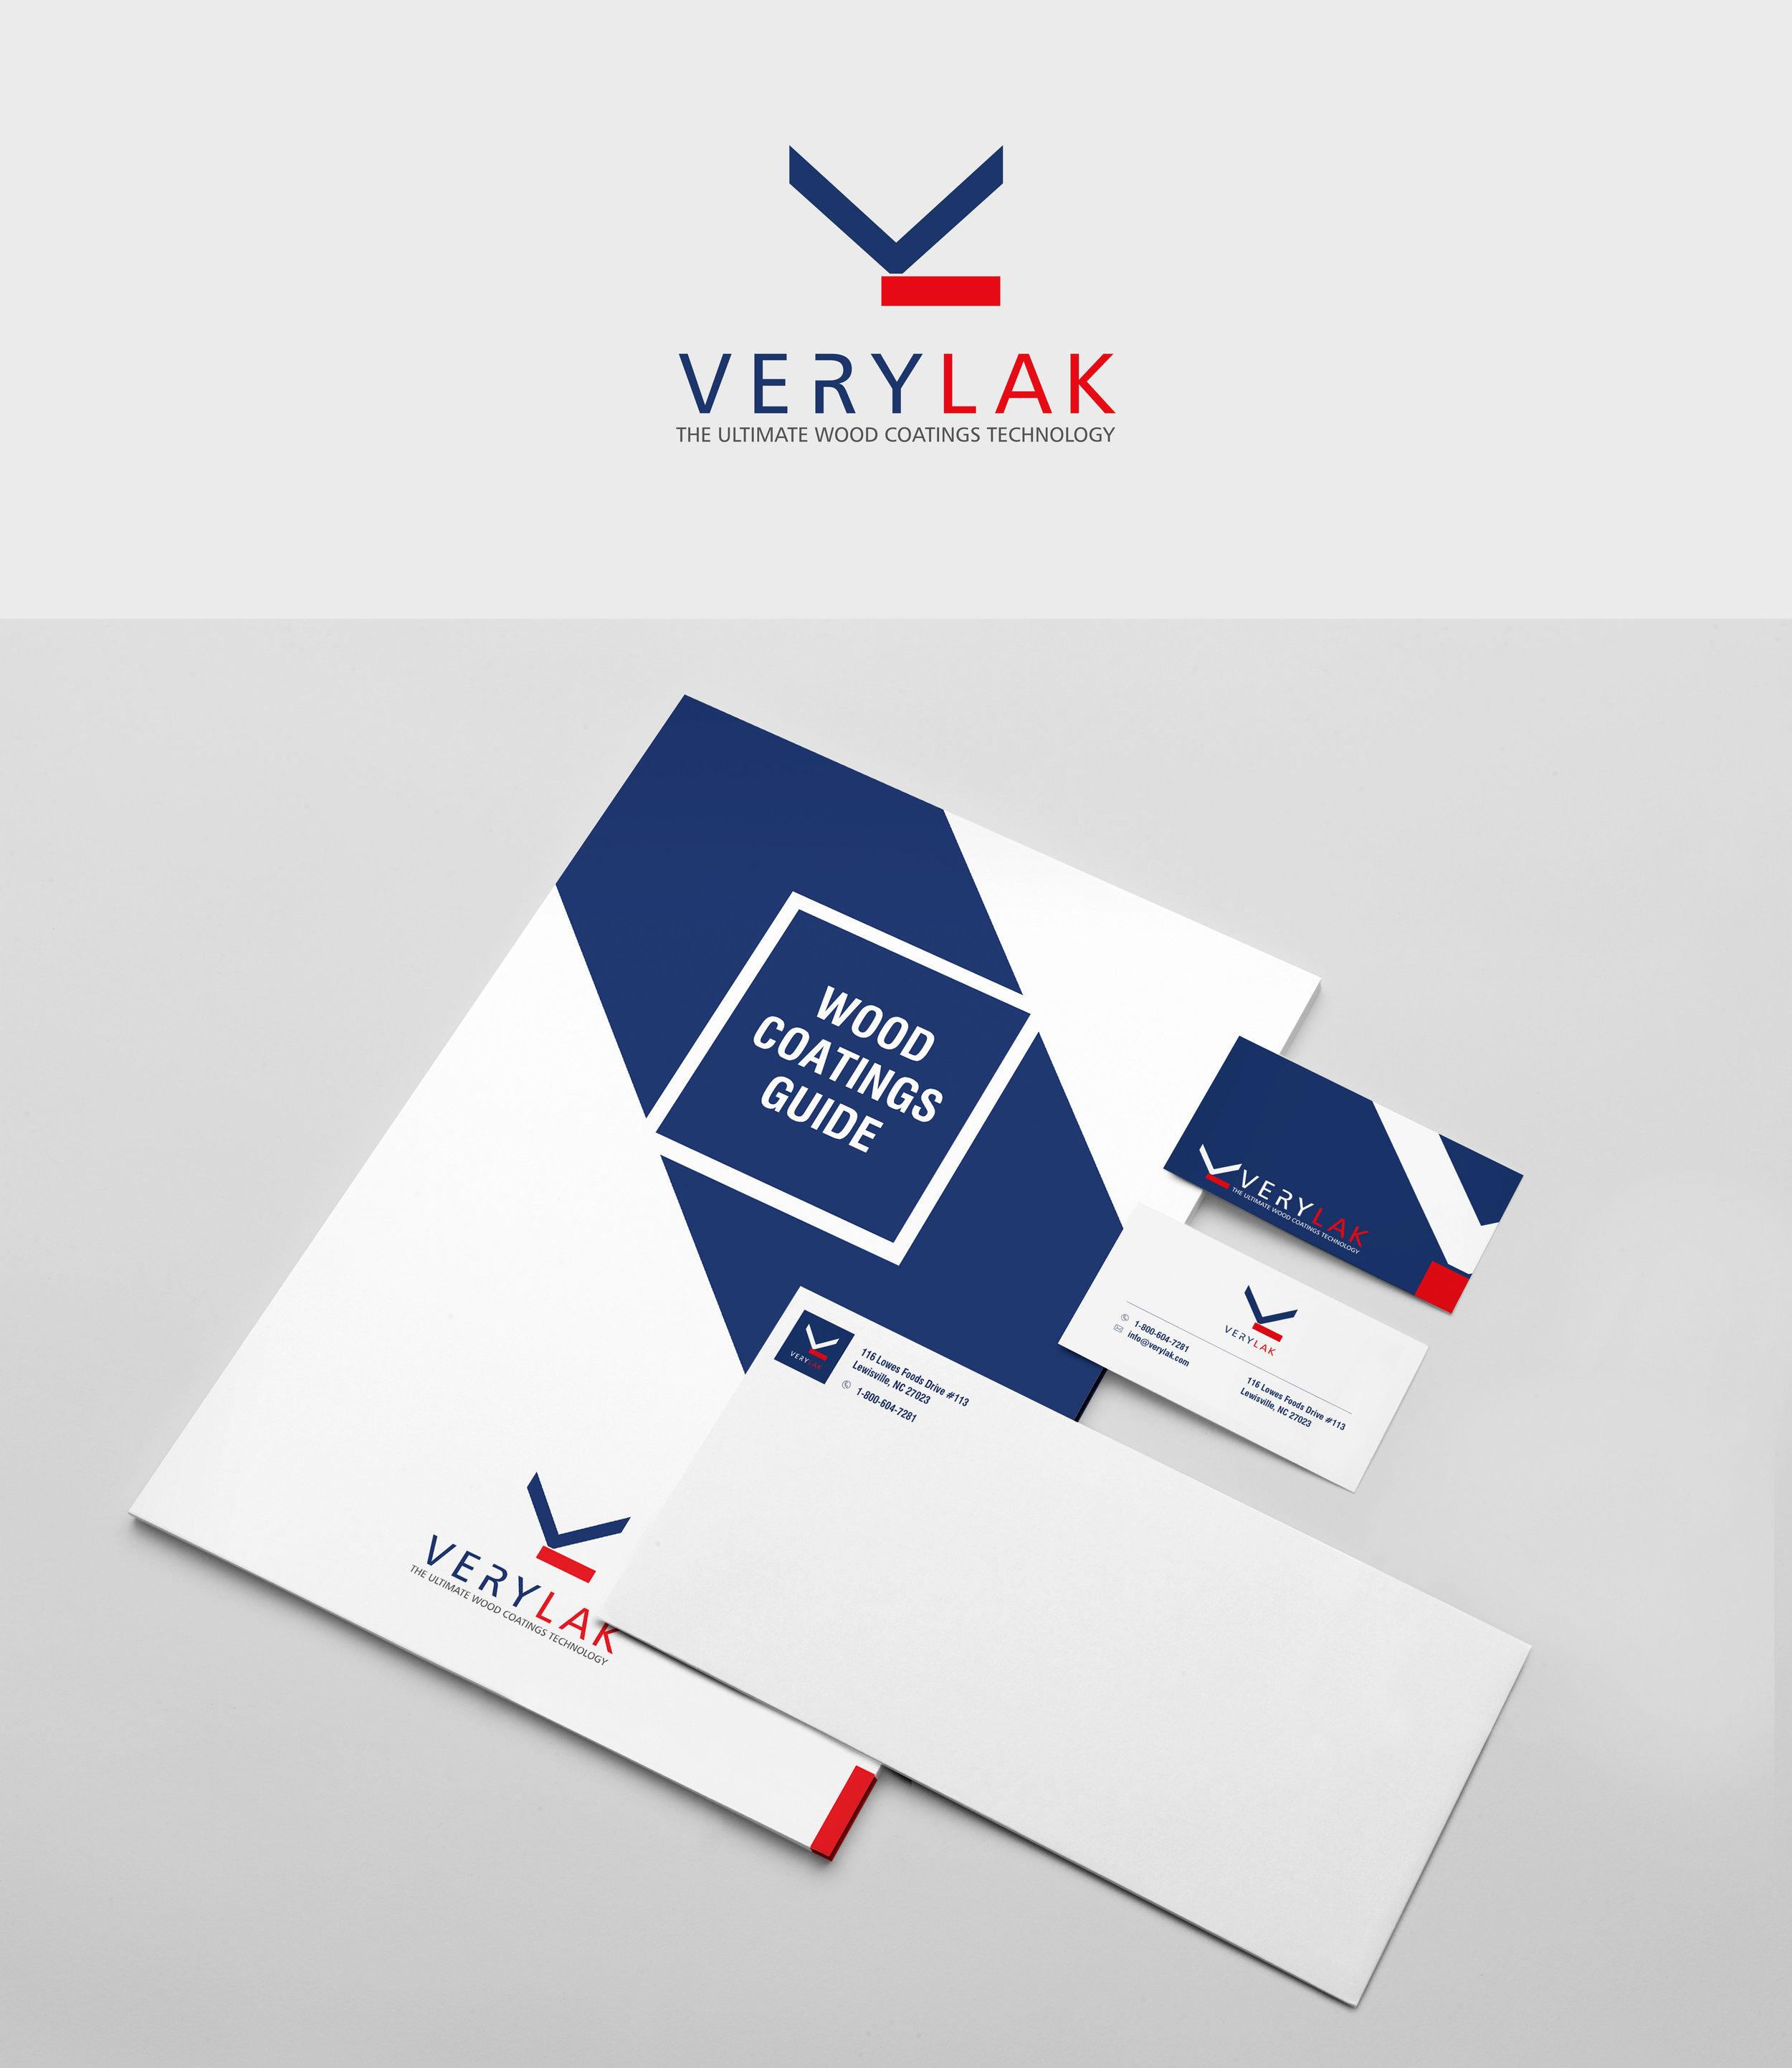 Presentation_Folder_Mockup_Verylak-v2_1.jpg